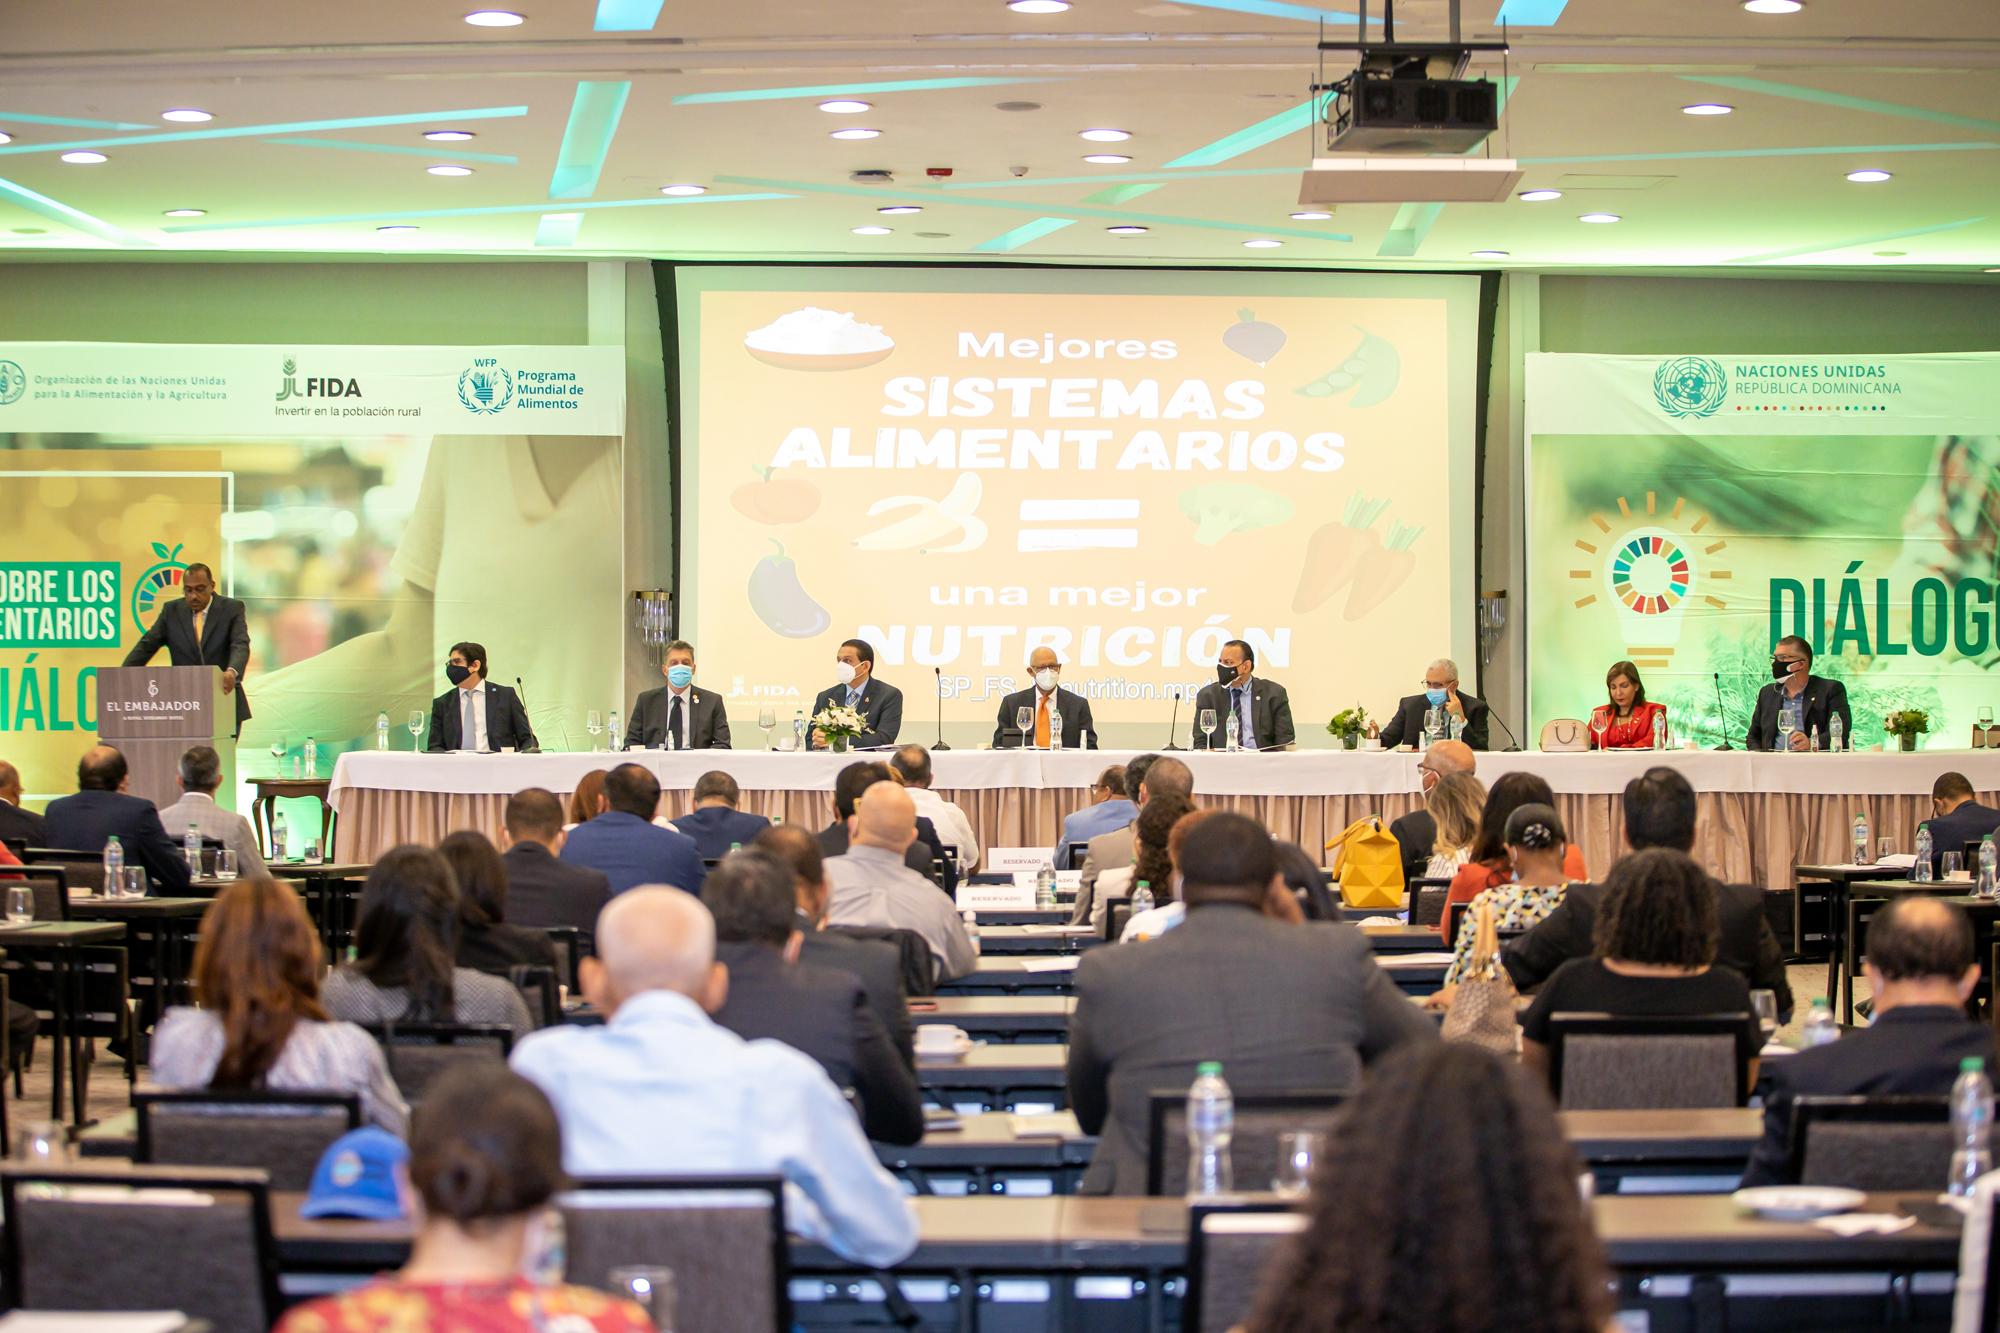 República Dominicana se prepara para la Cumbre sobre Sistemas Alimentarios de las Naciones Unidas